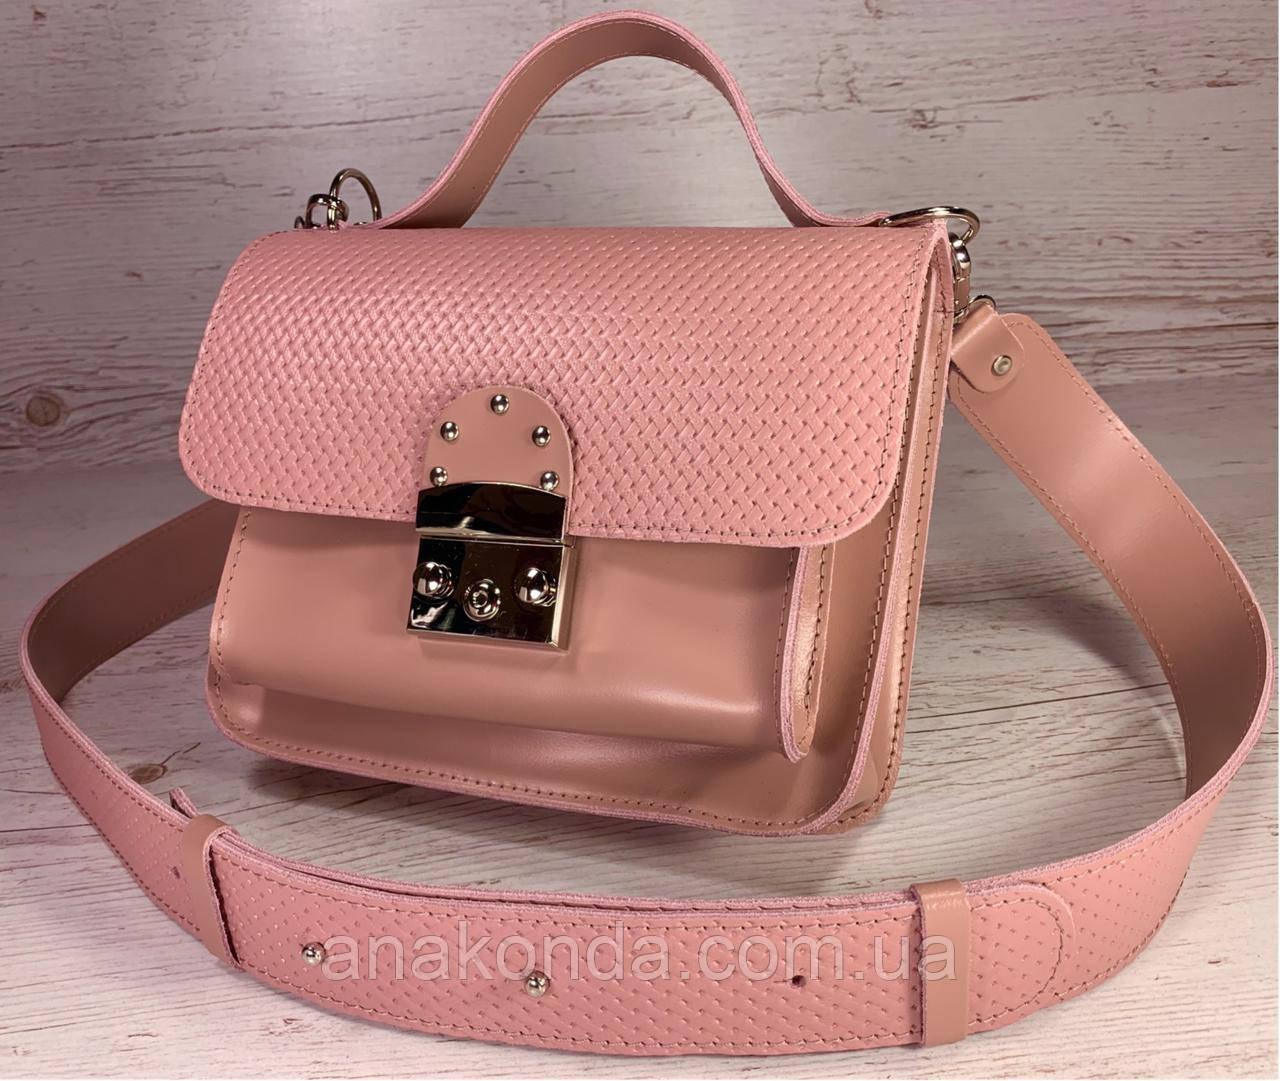 573 Натуральная кожа Сумка женская пудра розовая Кожаная сумка с широким ремнем через плечо сумка пудровая